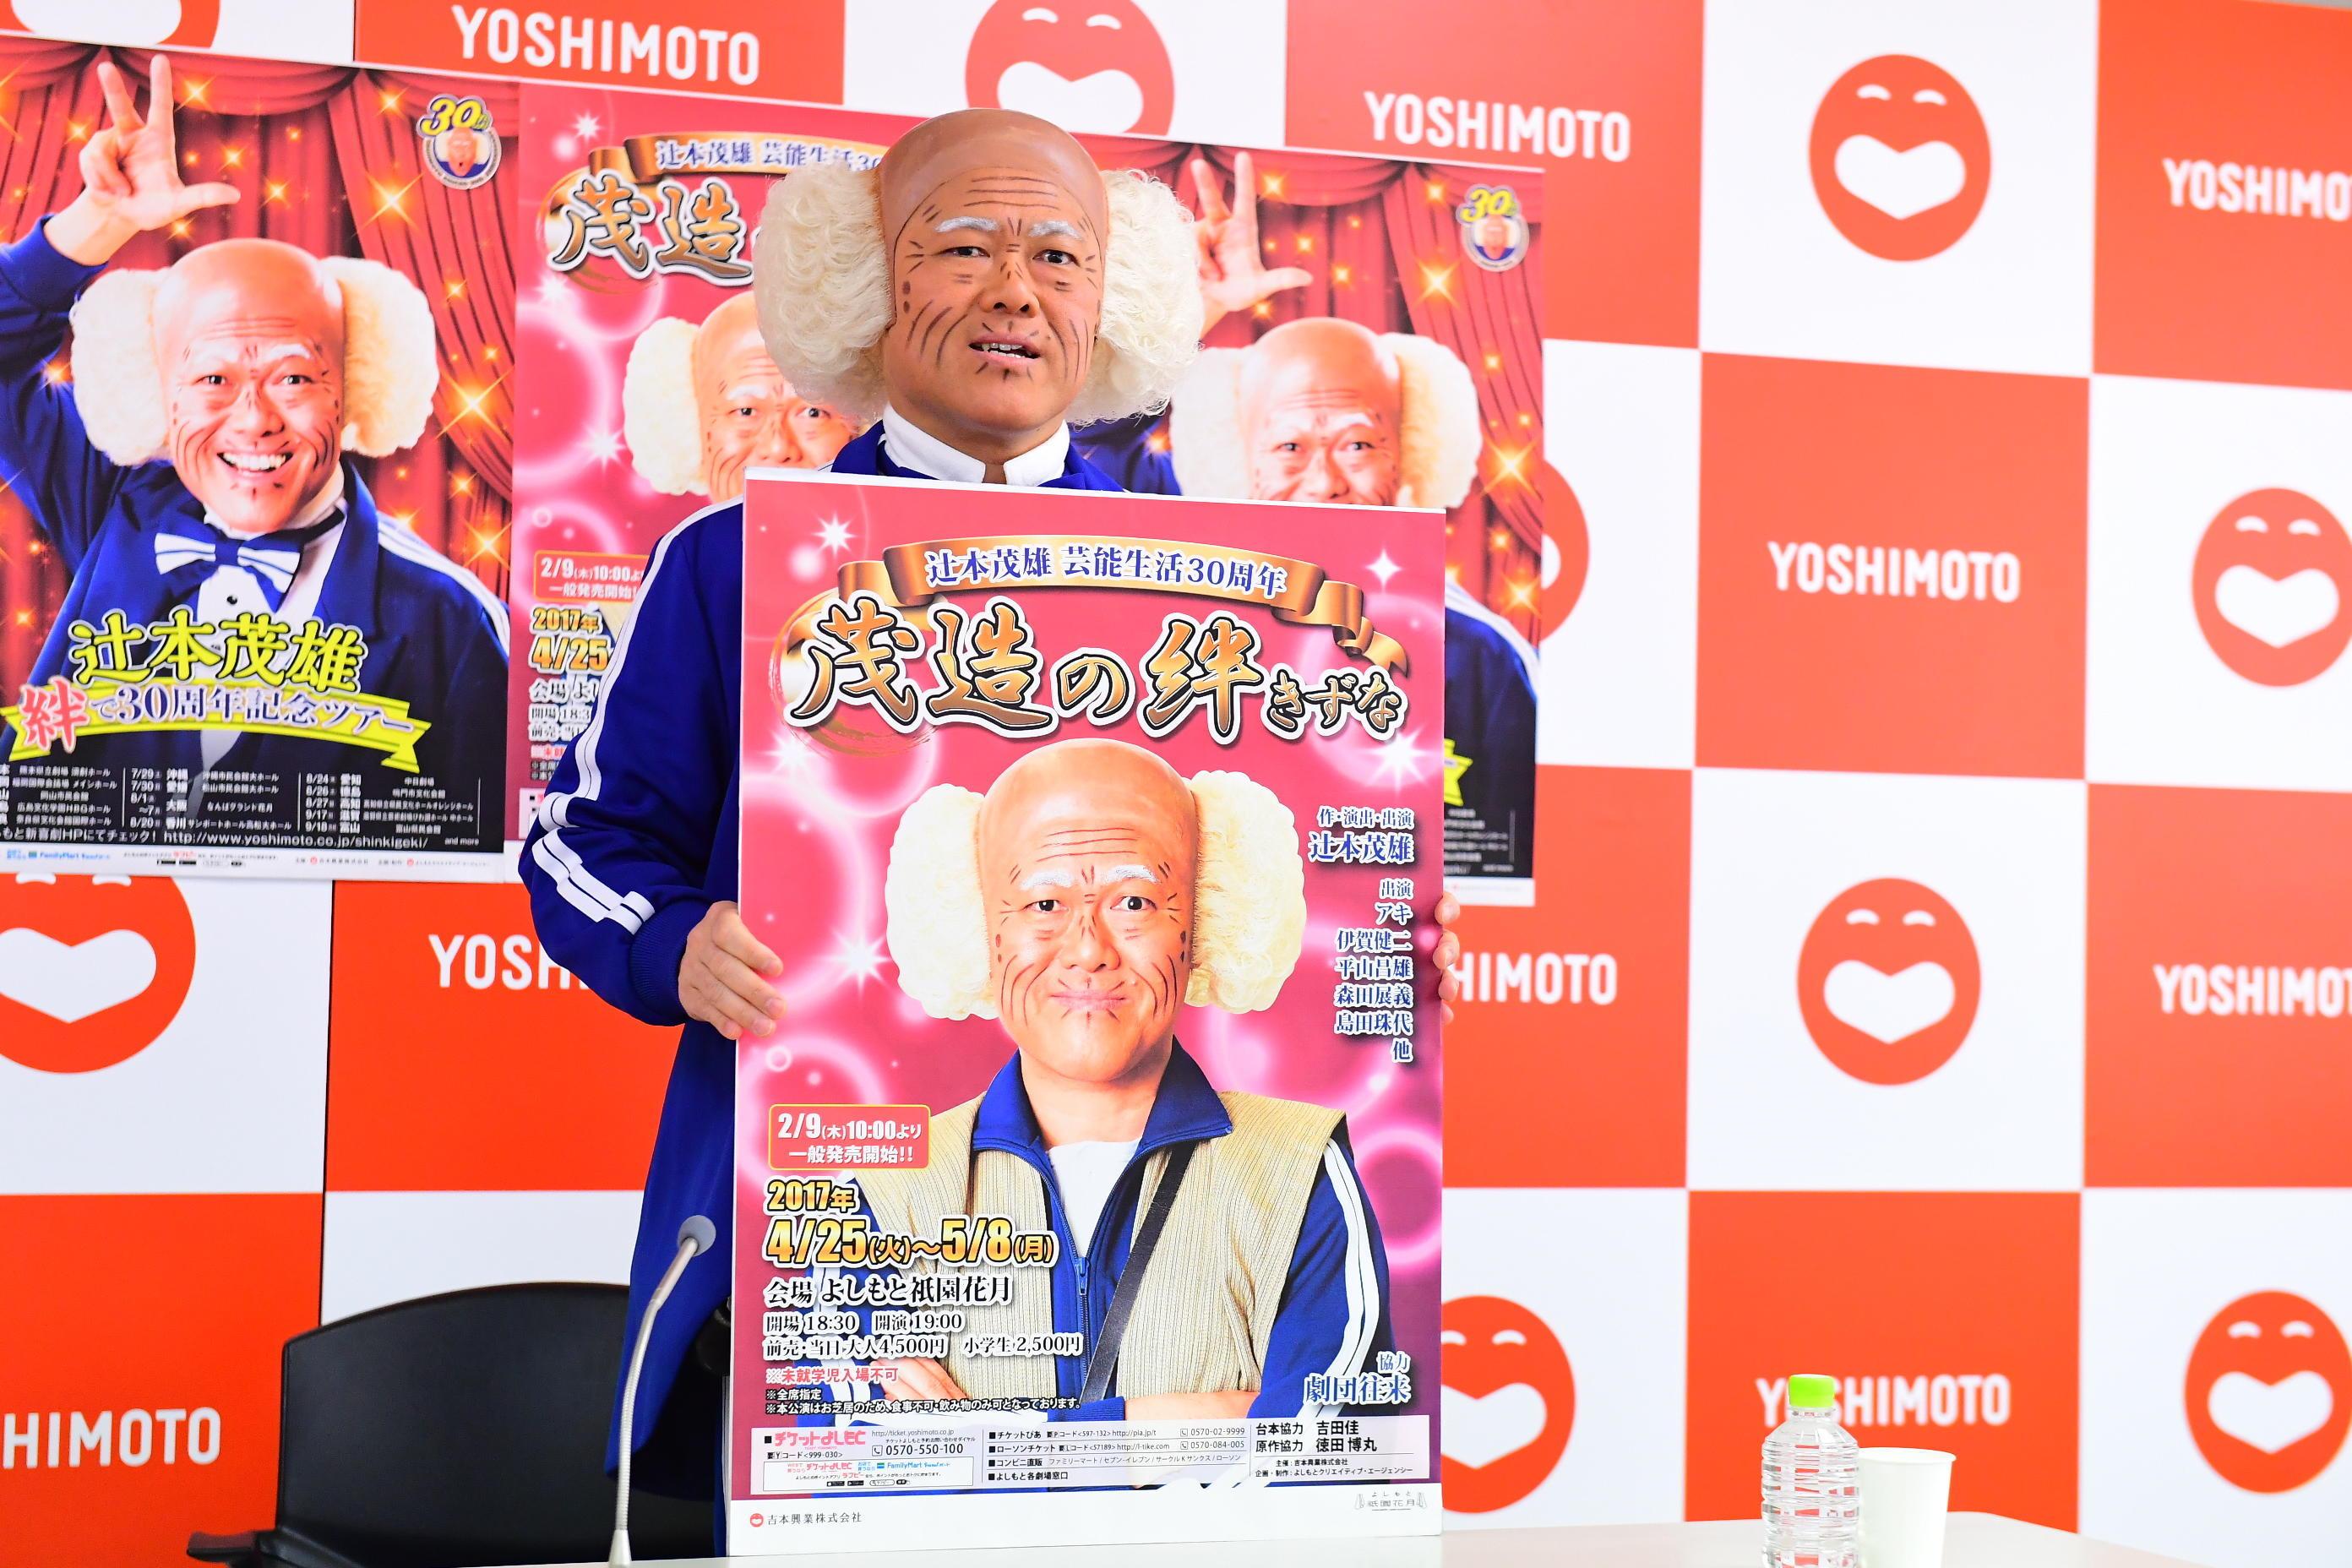 http://news.yoshimoto.co.jp/20170131181757-f96d3bfacdb64148c28cf940eb514bf844cec2b3.jpg